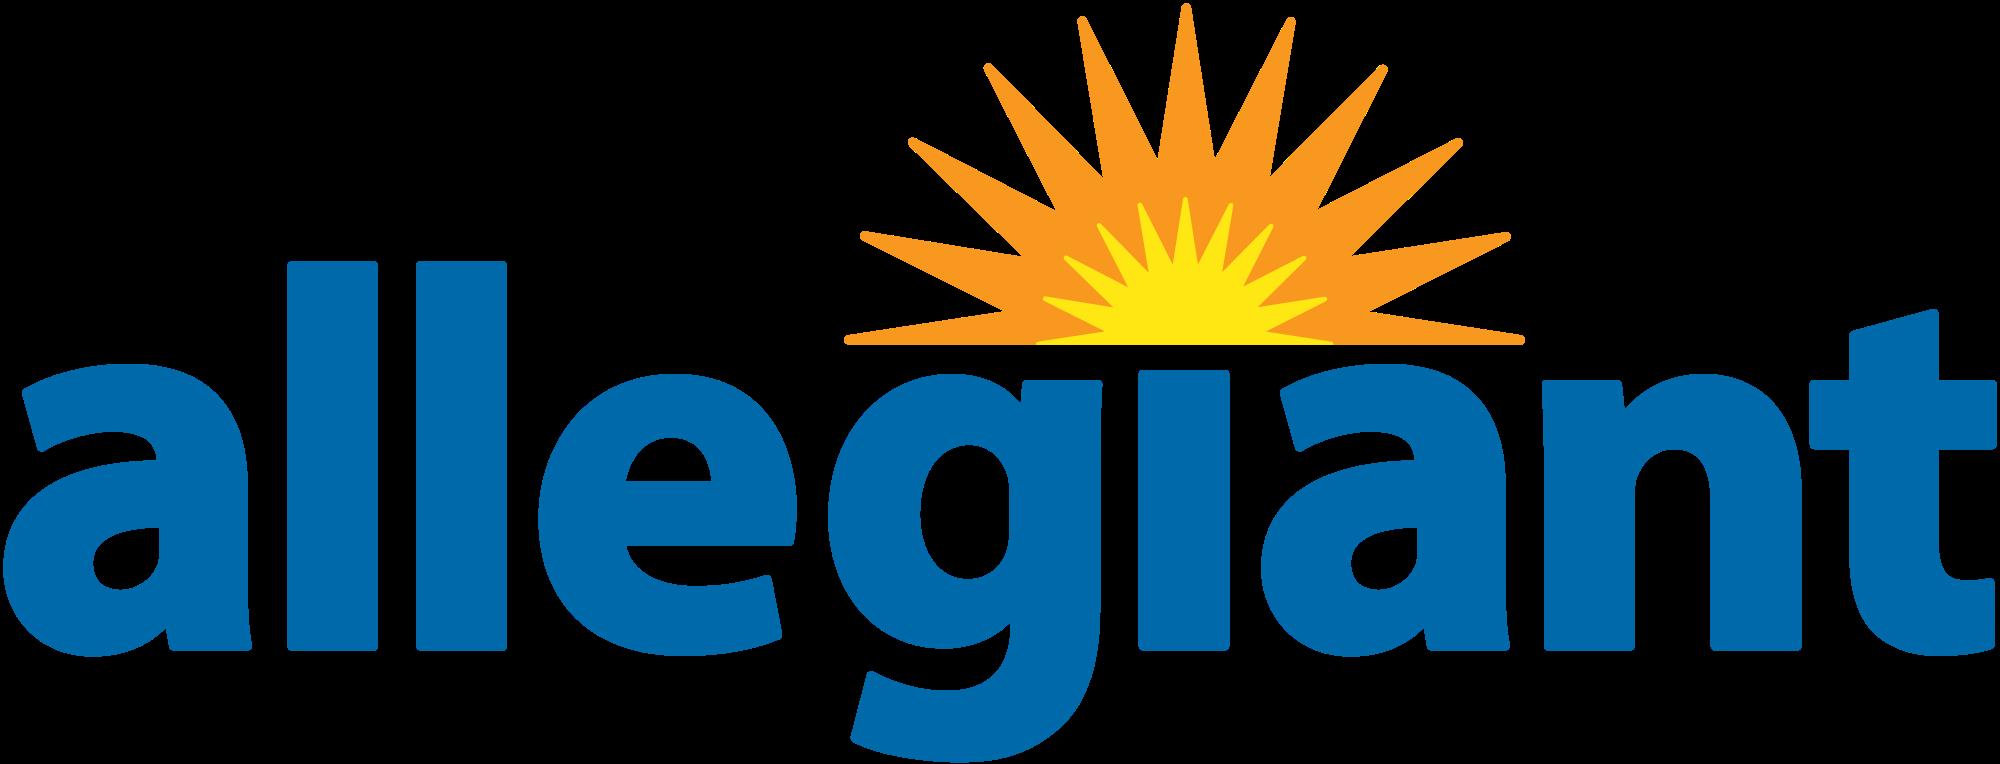 Allegiant Air Logo - Allegiant Air PNG